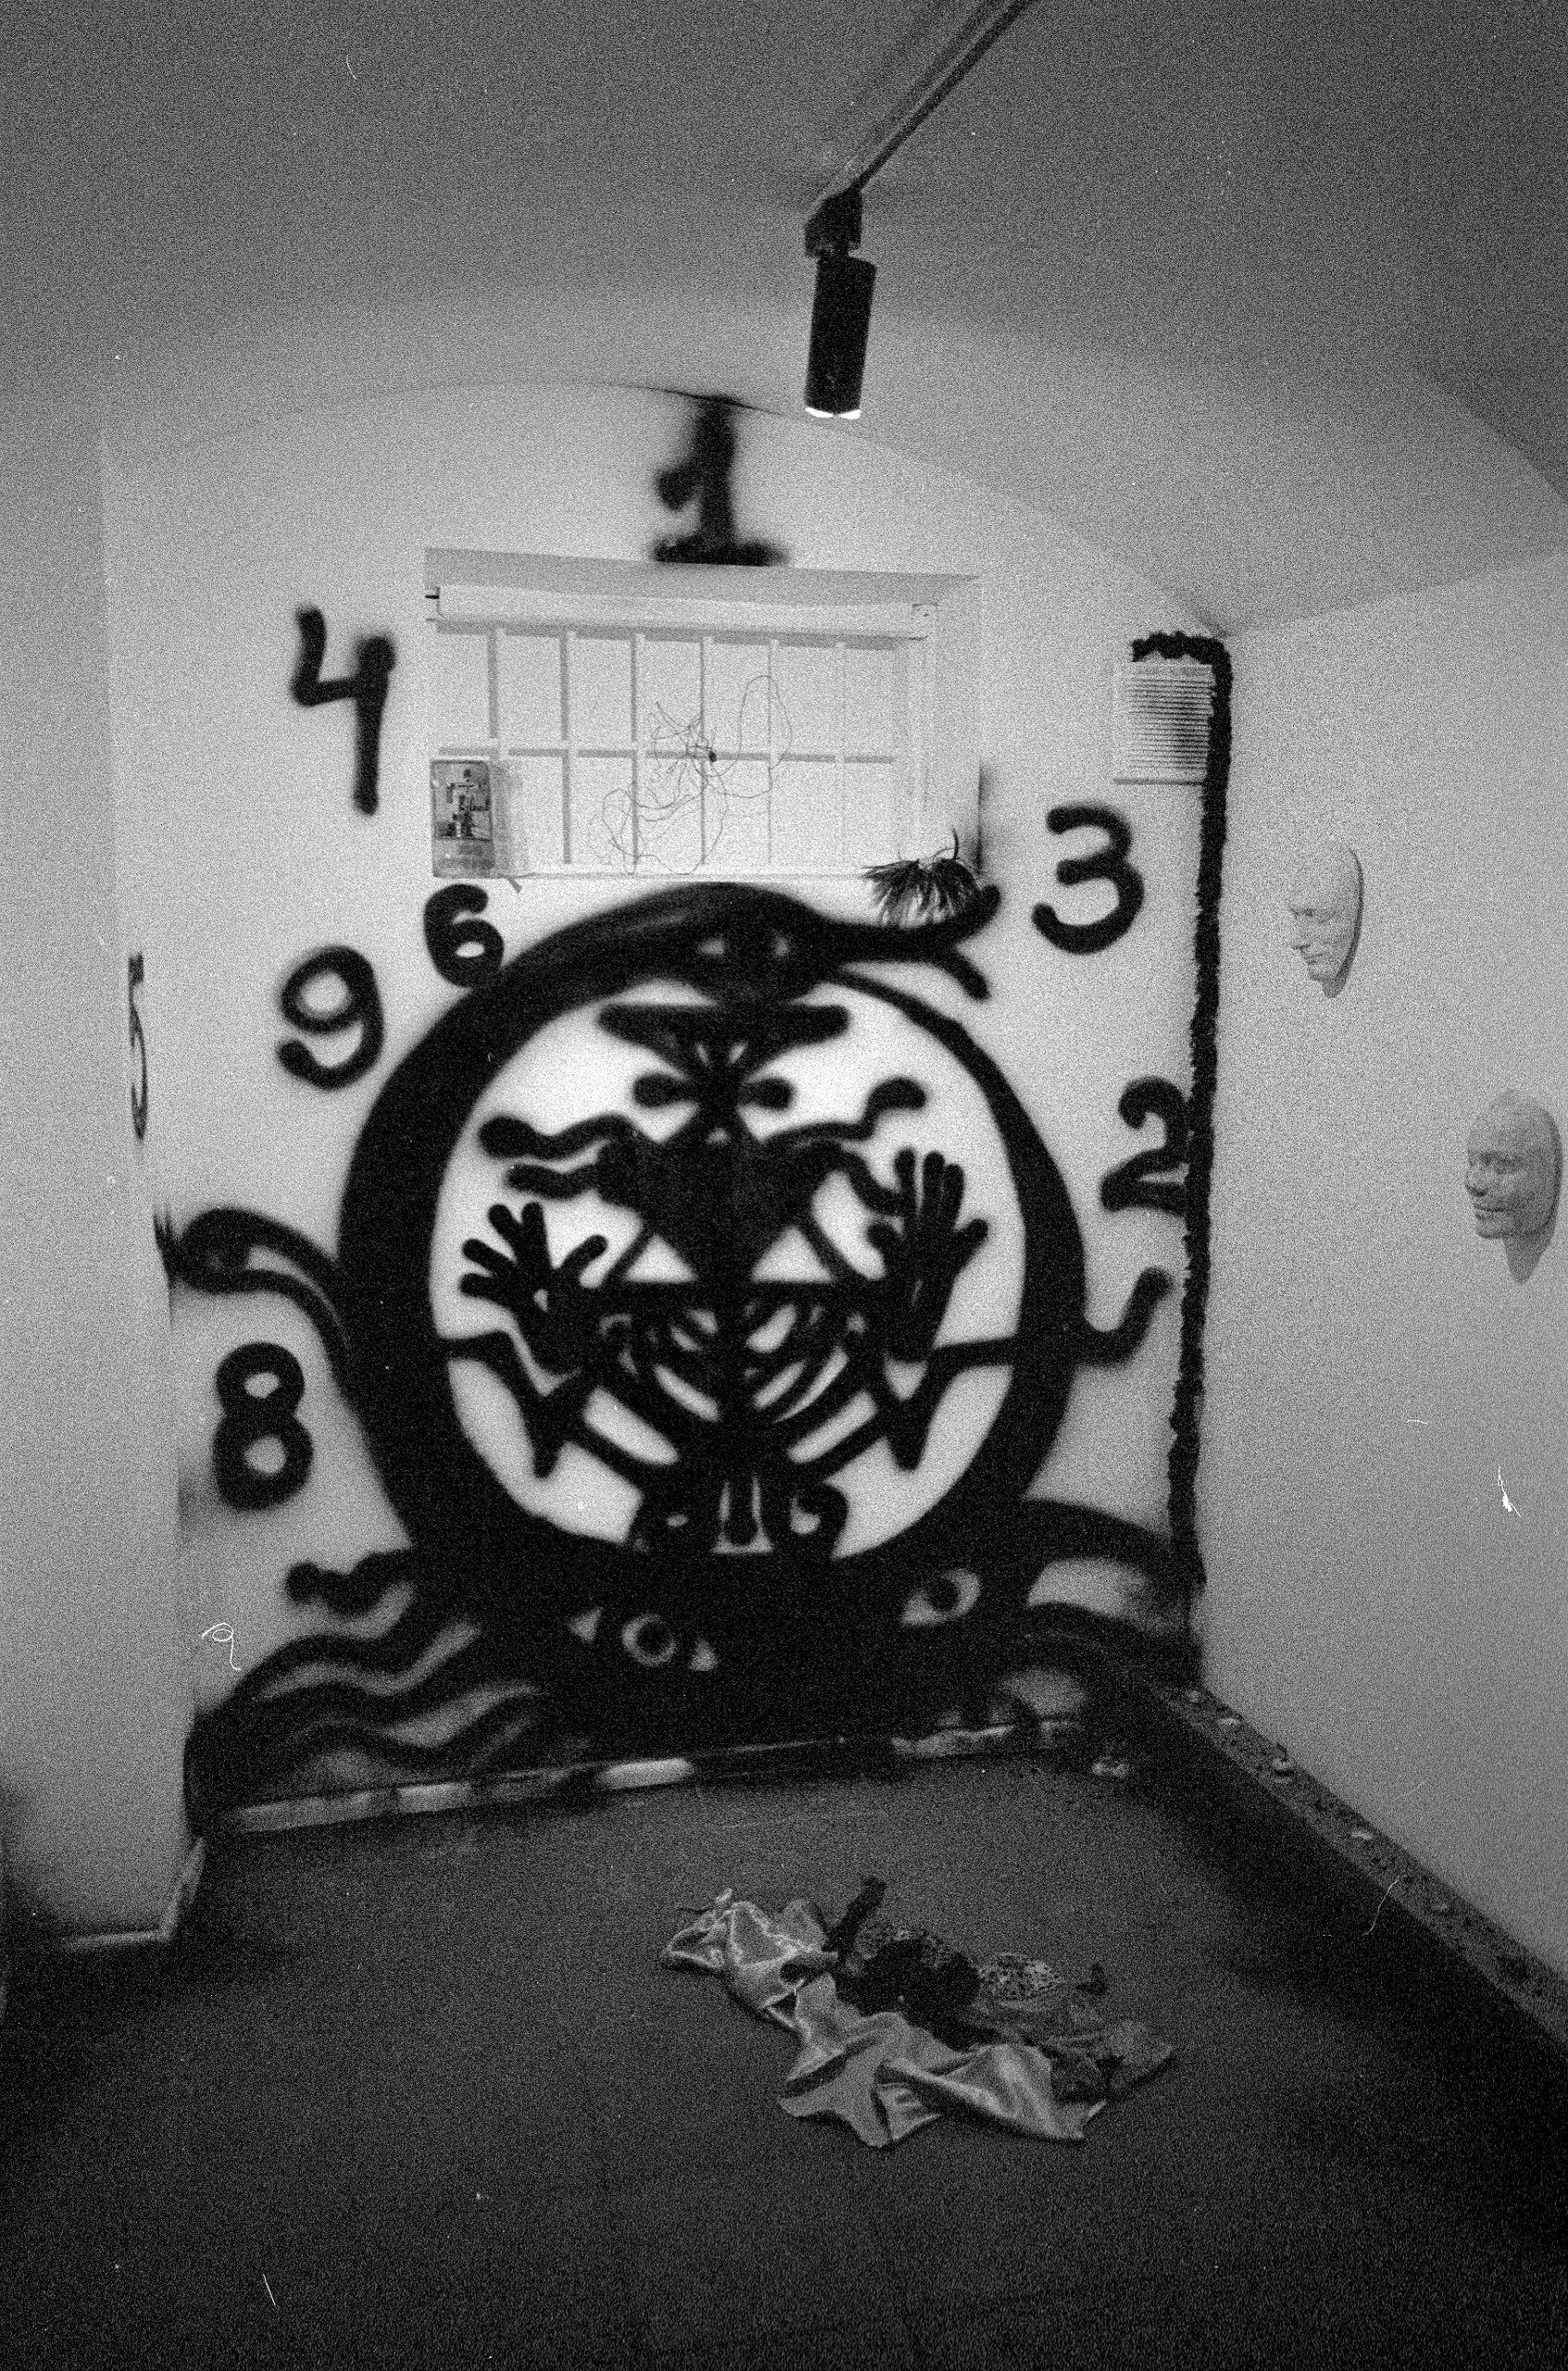 Частина експозиції Oksana — AntiGonna: 13 в Muzeon. Фото: Андрій Бойко